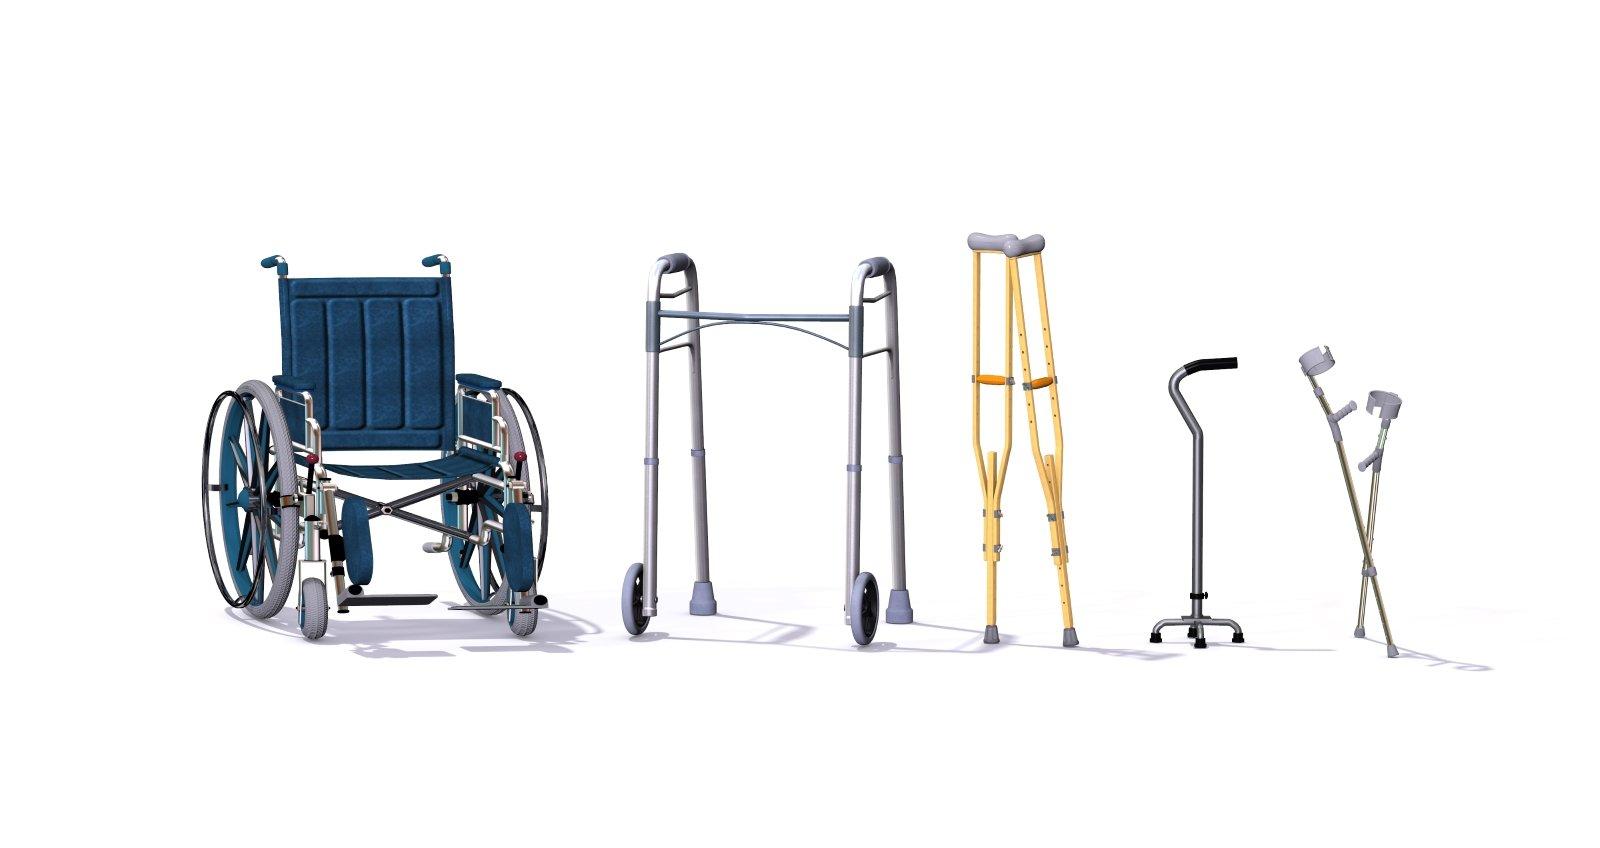 Una collezione di accessori per la mobilità tra cui una sedia a rotelle, passeggiatori, stampelle, quadrupedi e pattini per l'avambraccio